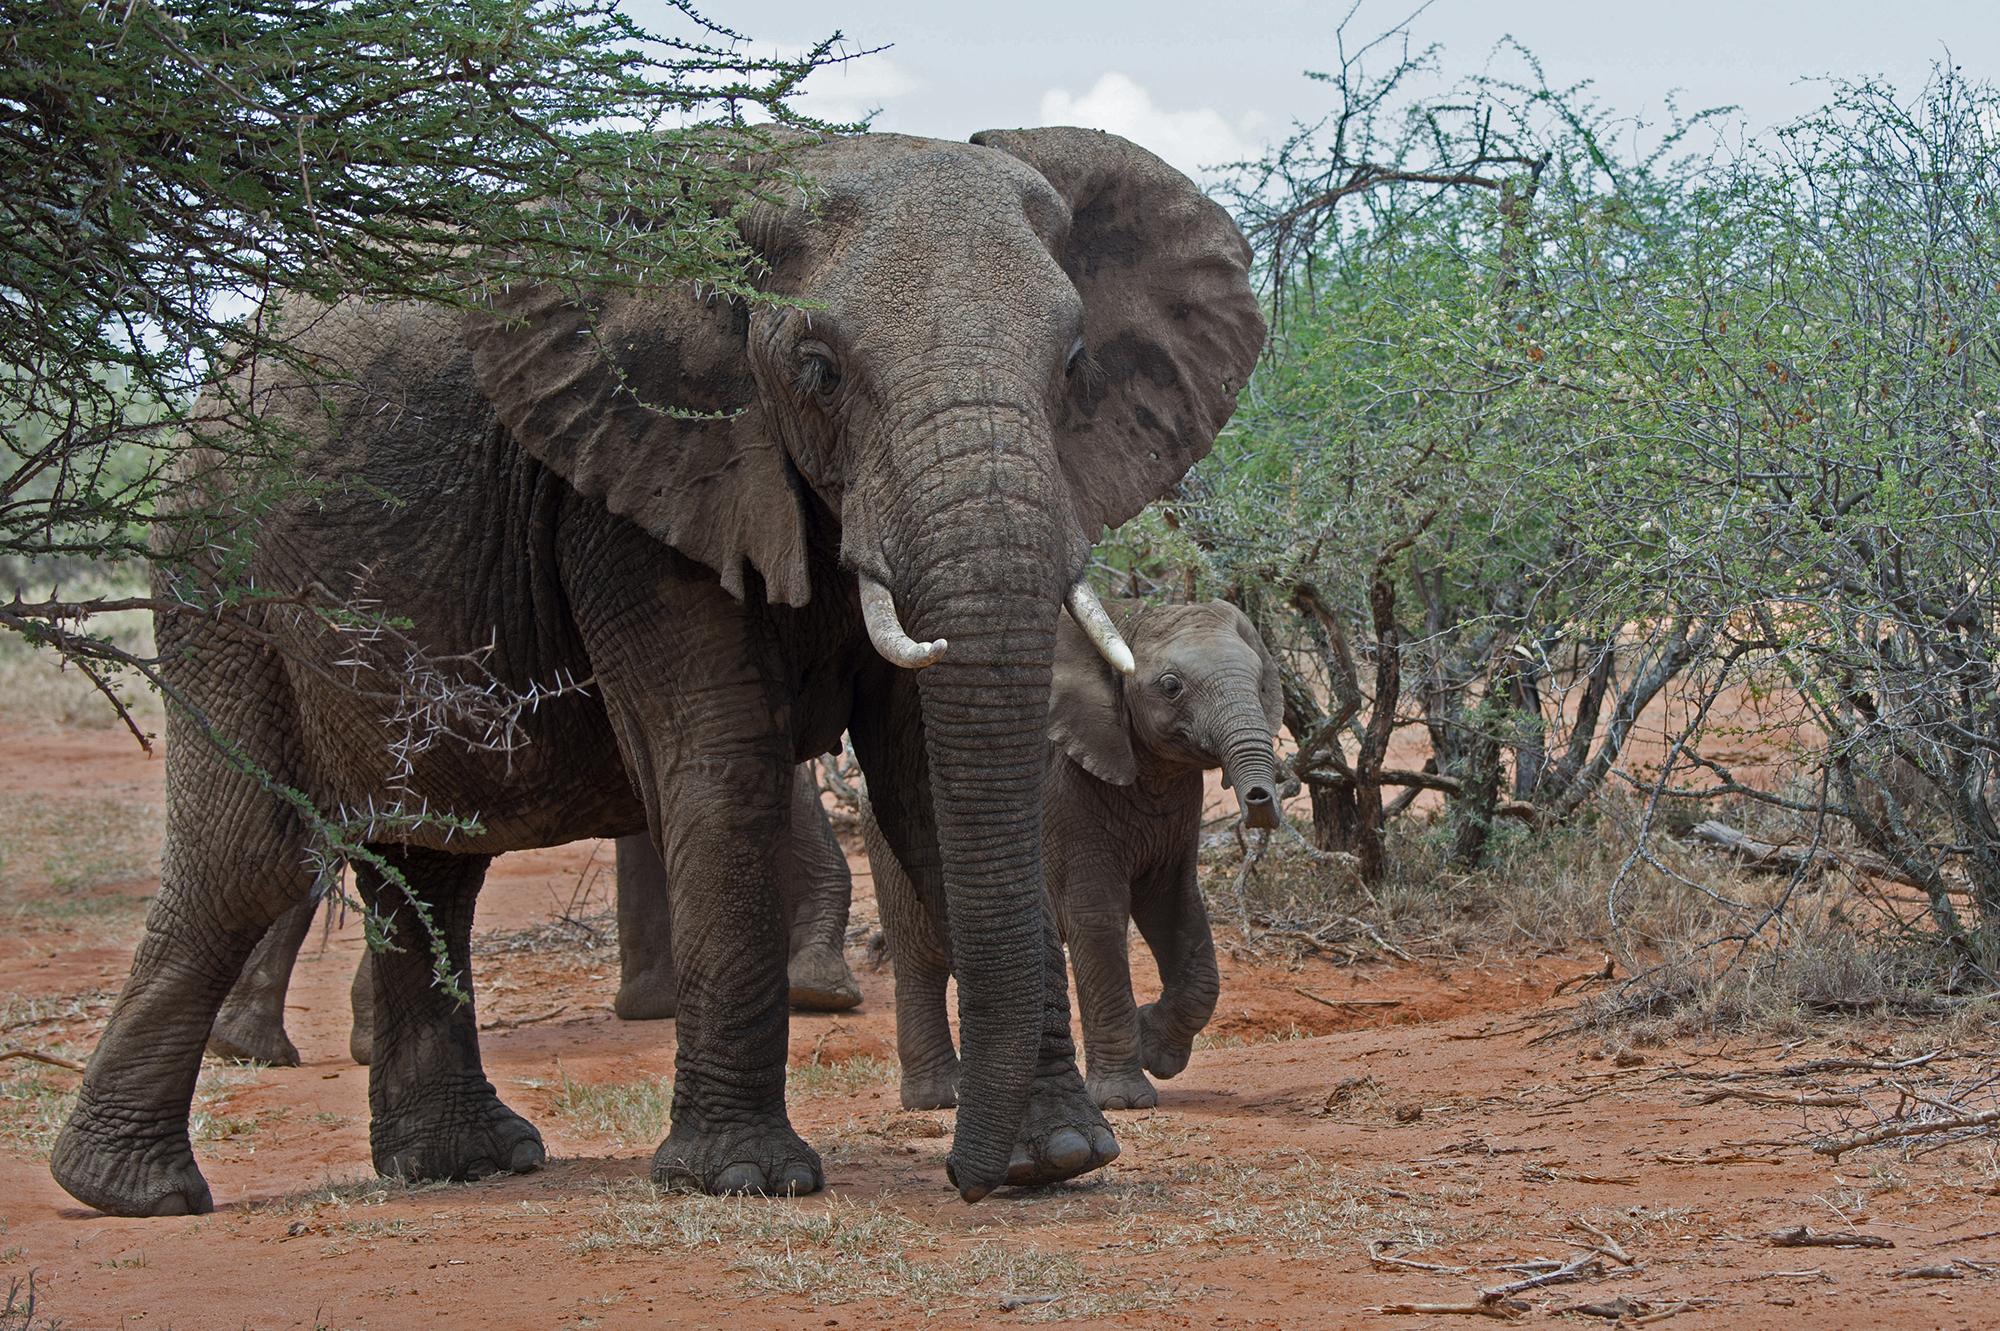 4-Julie-Larsen-Maher_7586-_African-Elephants_KEN_03-10-14_hr